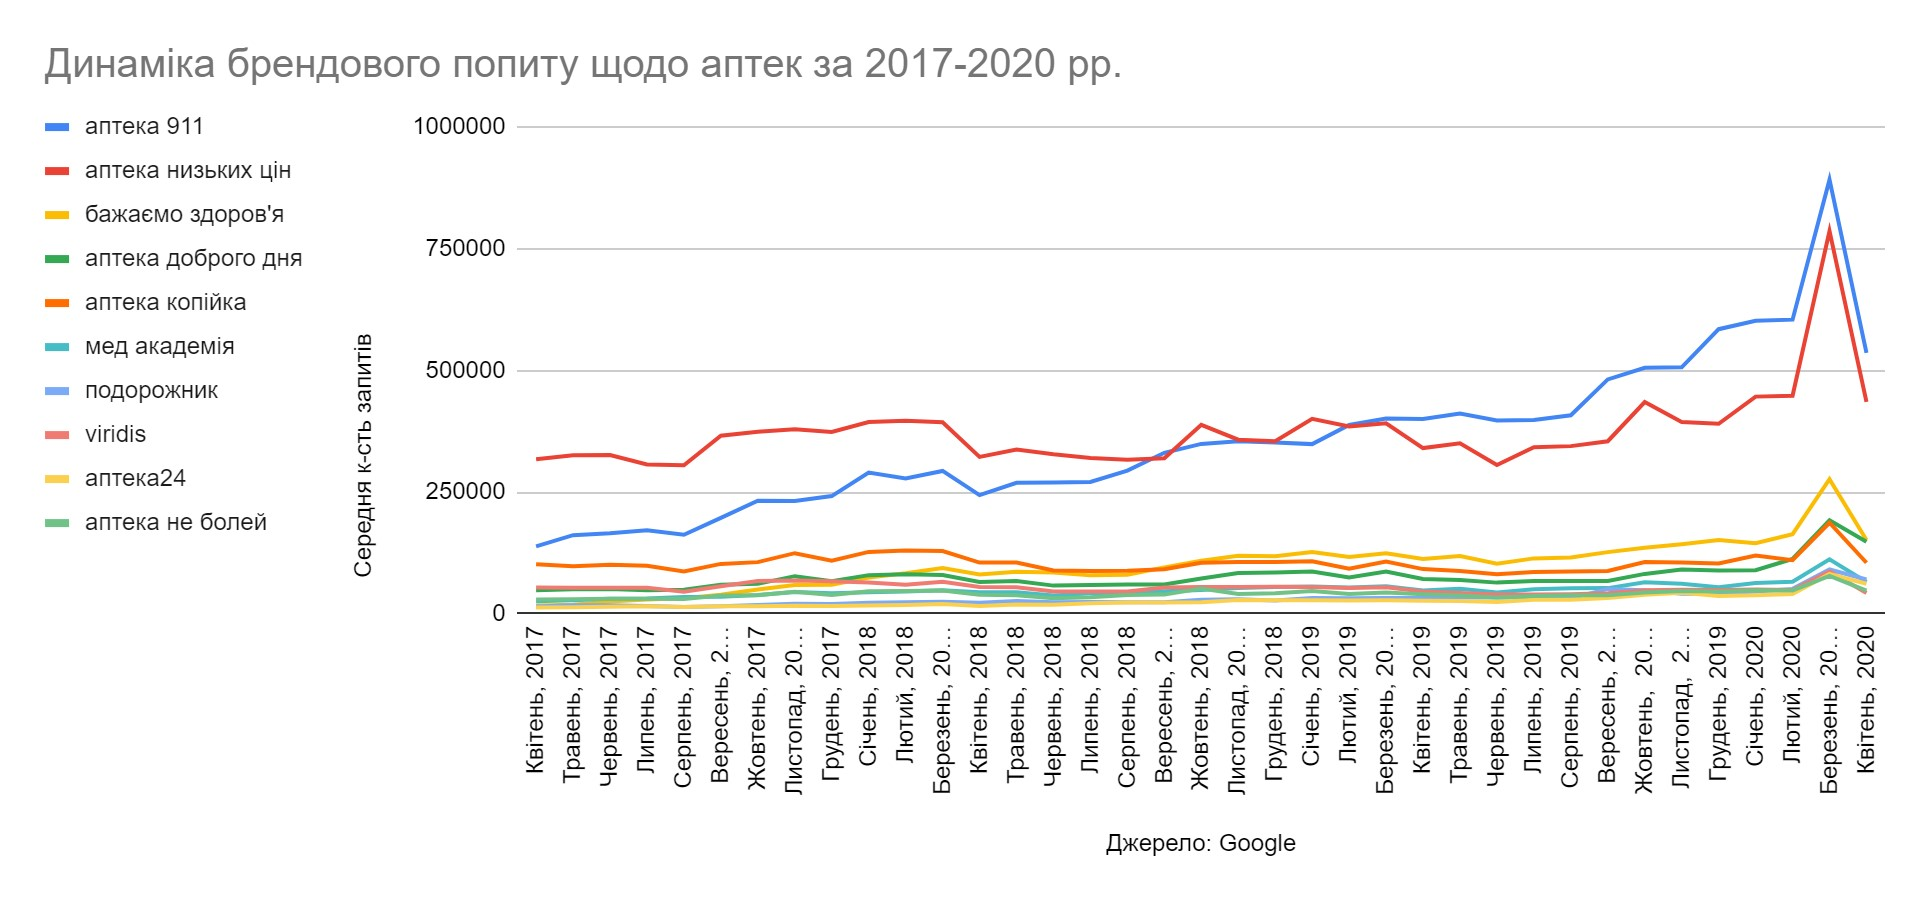 Динаміка брендового попиту щодо аптек за 2017-2020